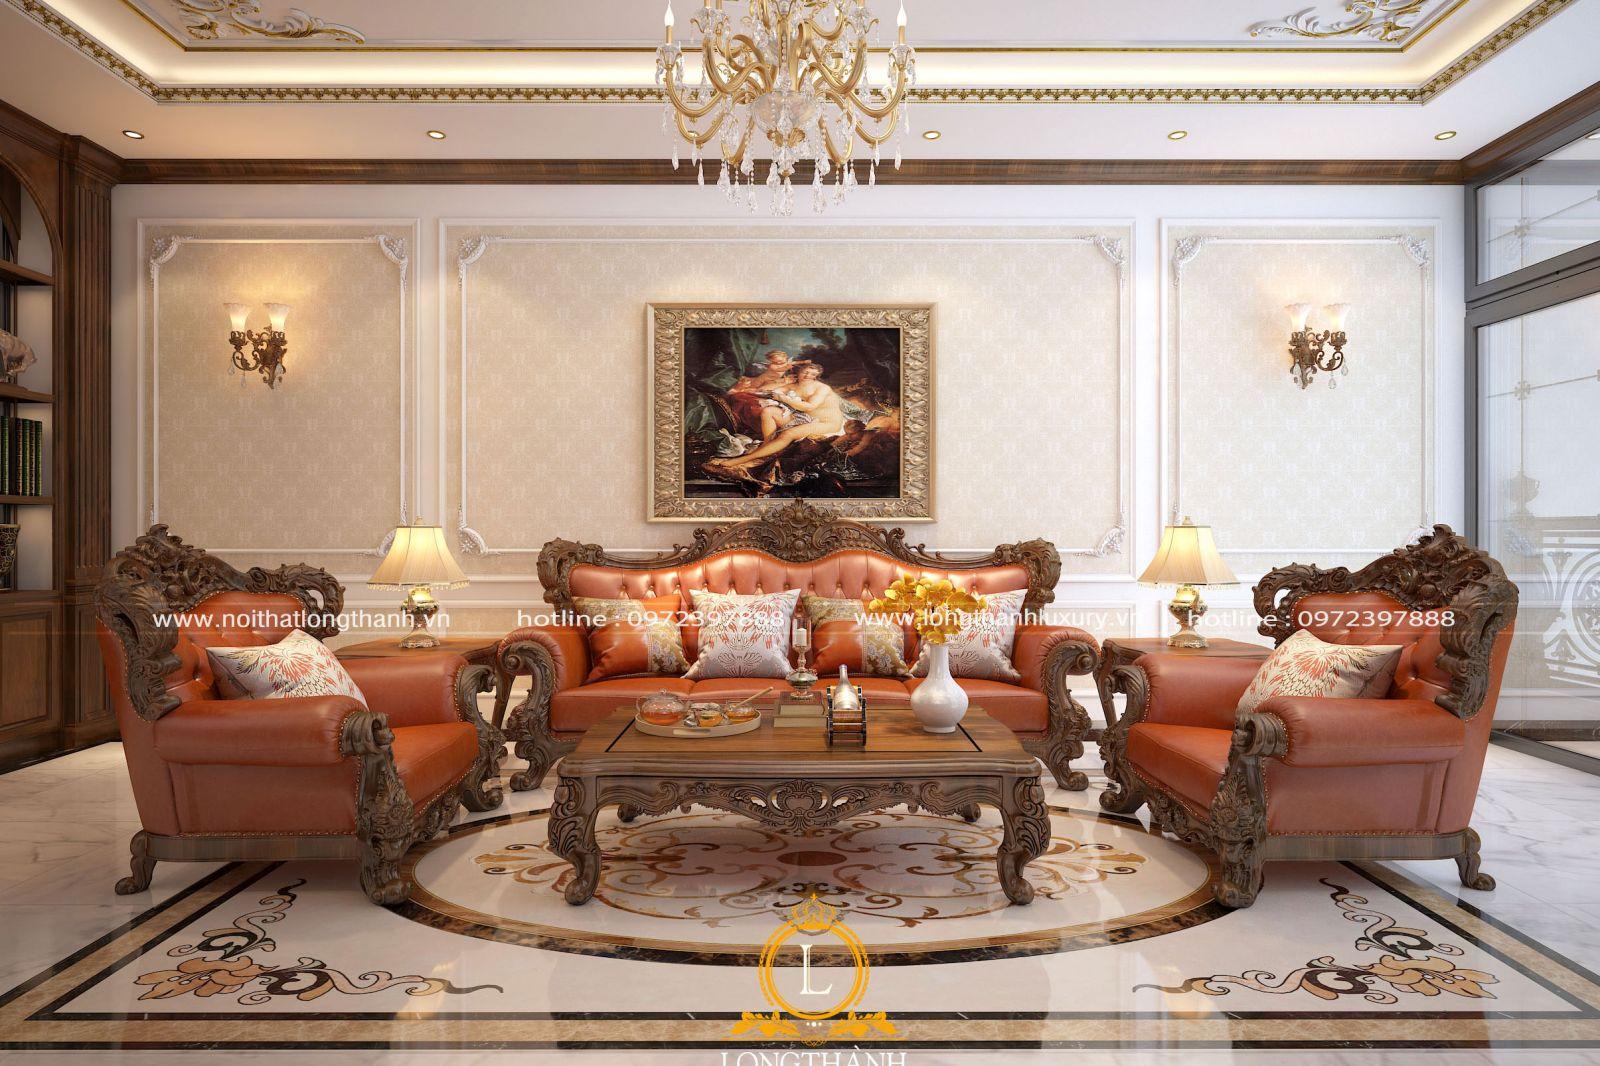 Thiết kế nội thất phòng khách tân cổ điển chung cư theo hướng đơn giản